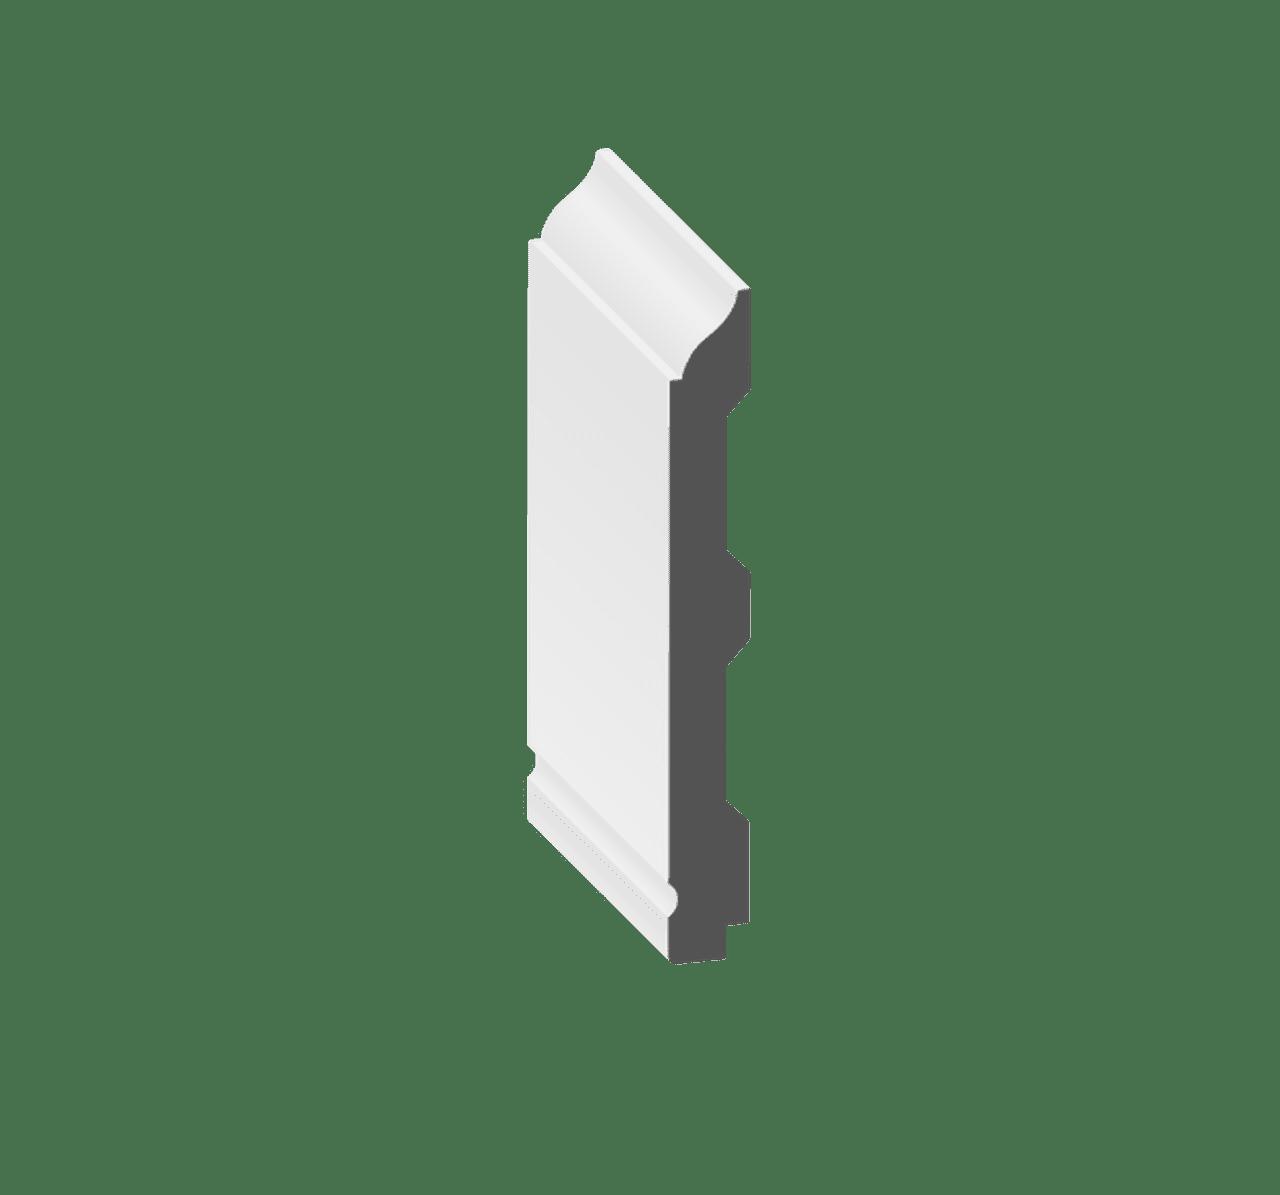 """5"""" Wall Batten Baseboard: 5"""" x 5/8"""" x 16'"""